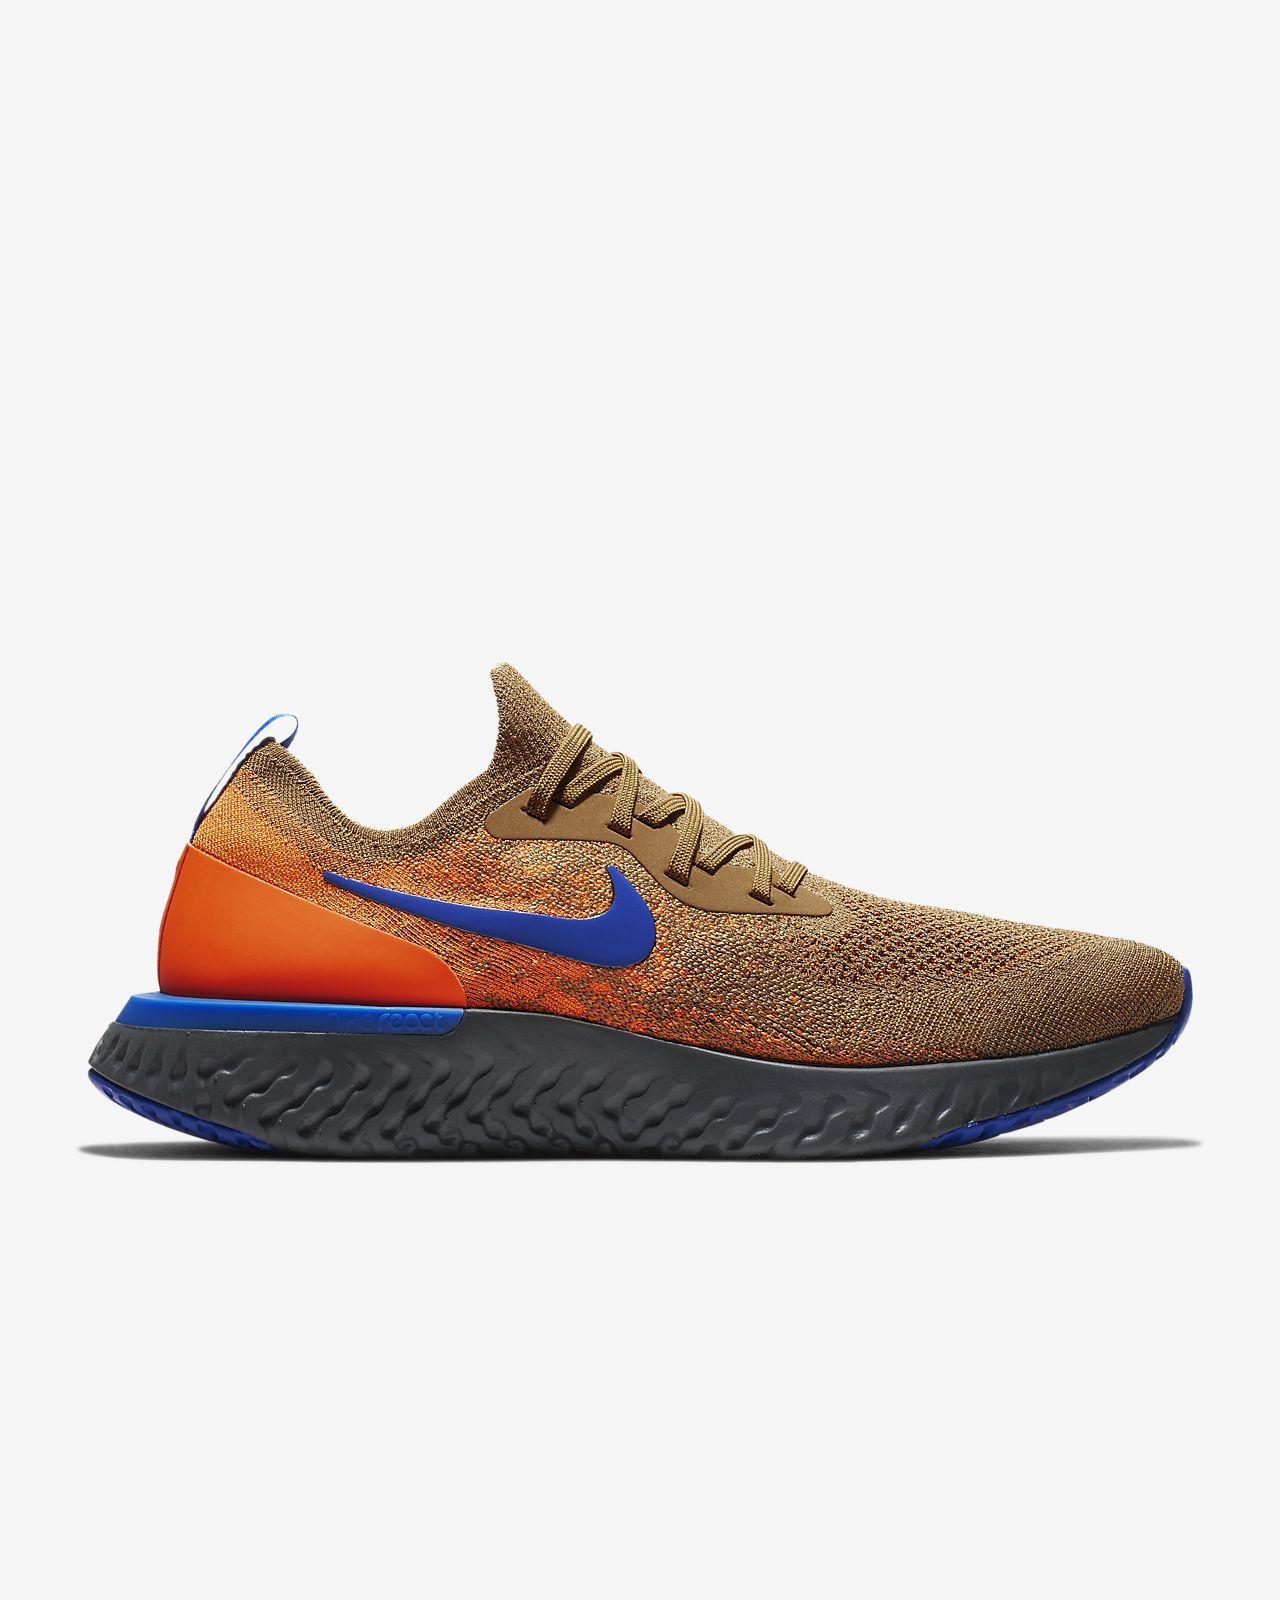 f32758d5cc707 Nike Epic React Flyknit 1 Men s Running Shoe. Nike.com